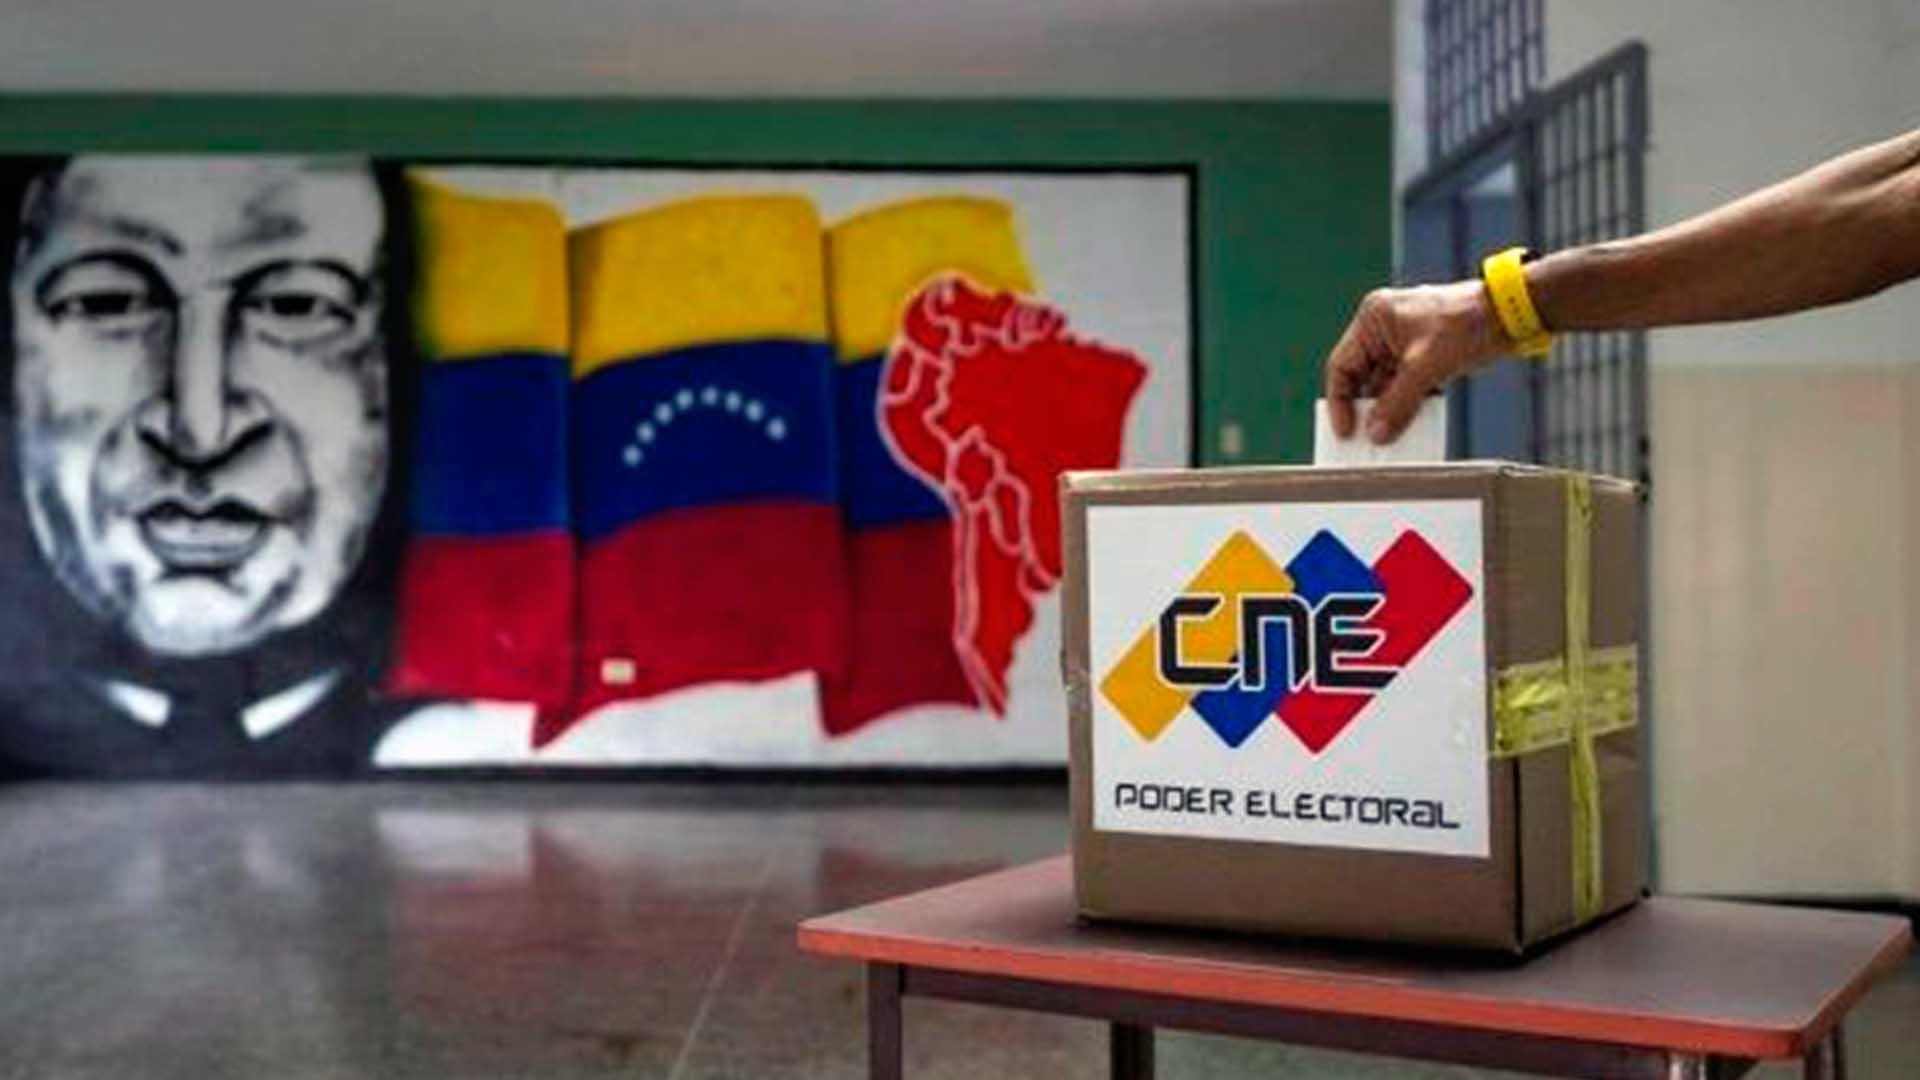 CLAVES | DFRLab: Facebook elimina 174 cuentas por influir en temas políticos dentro de Latinoamérica